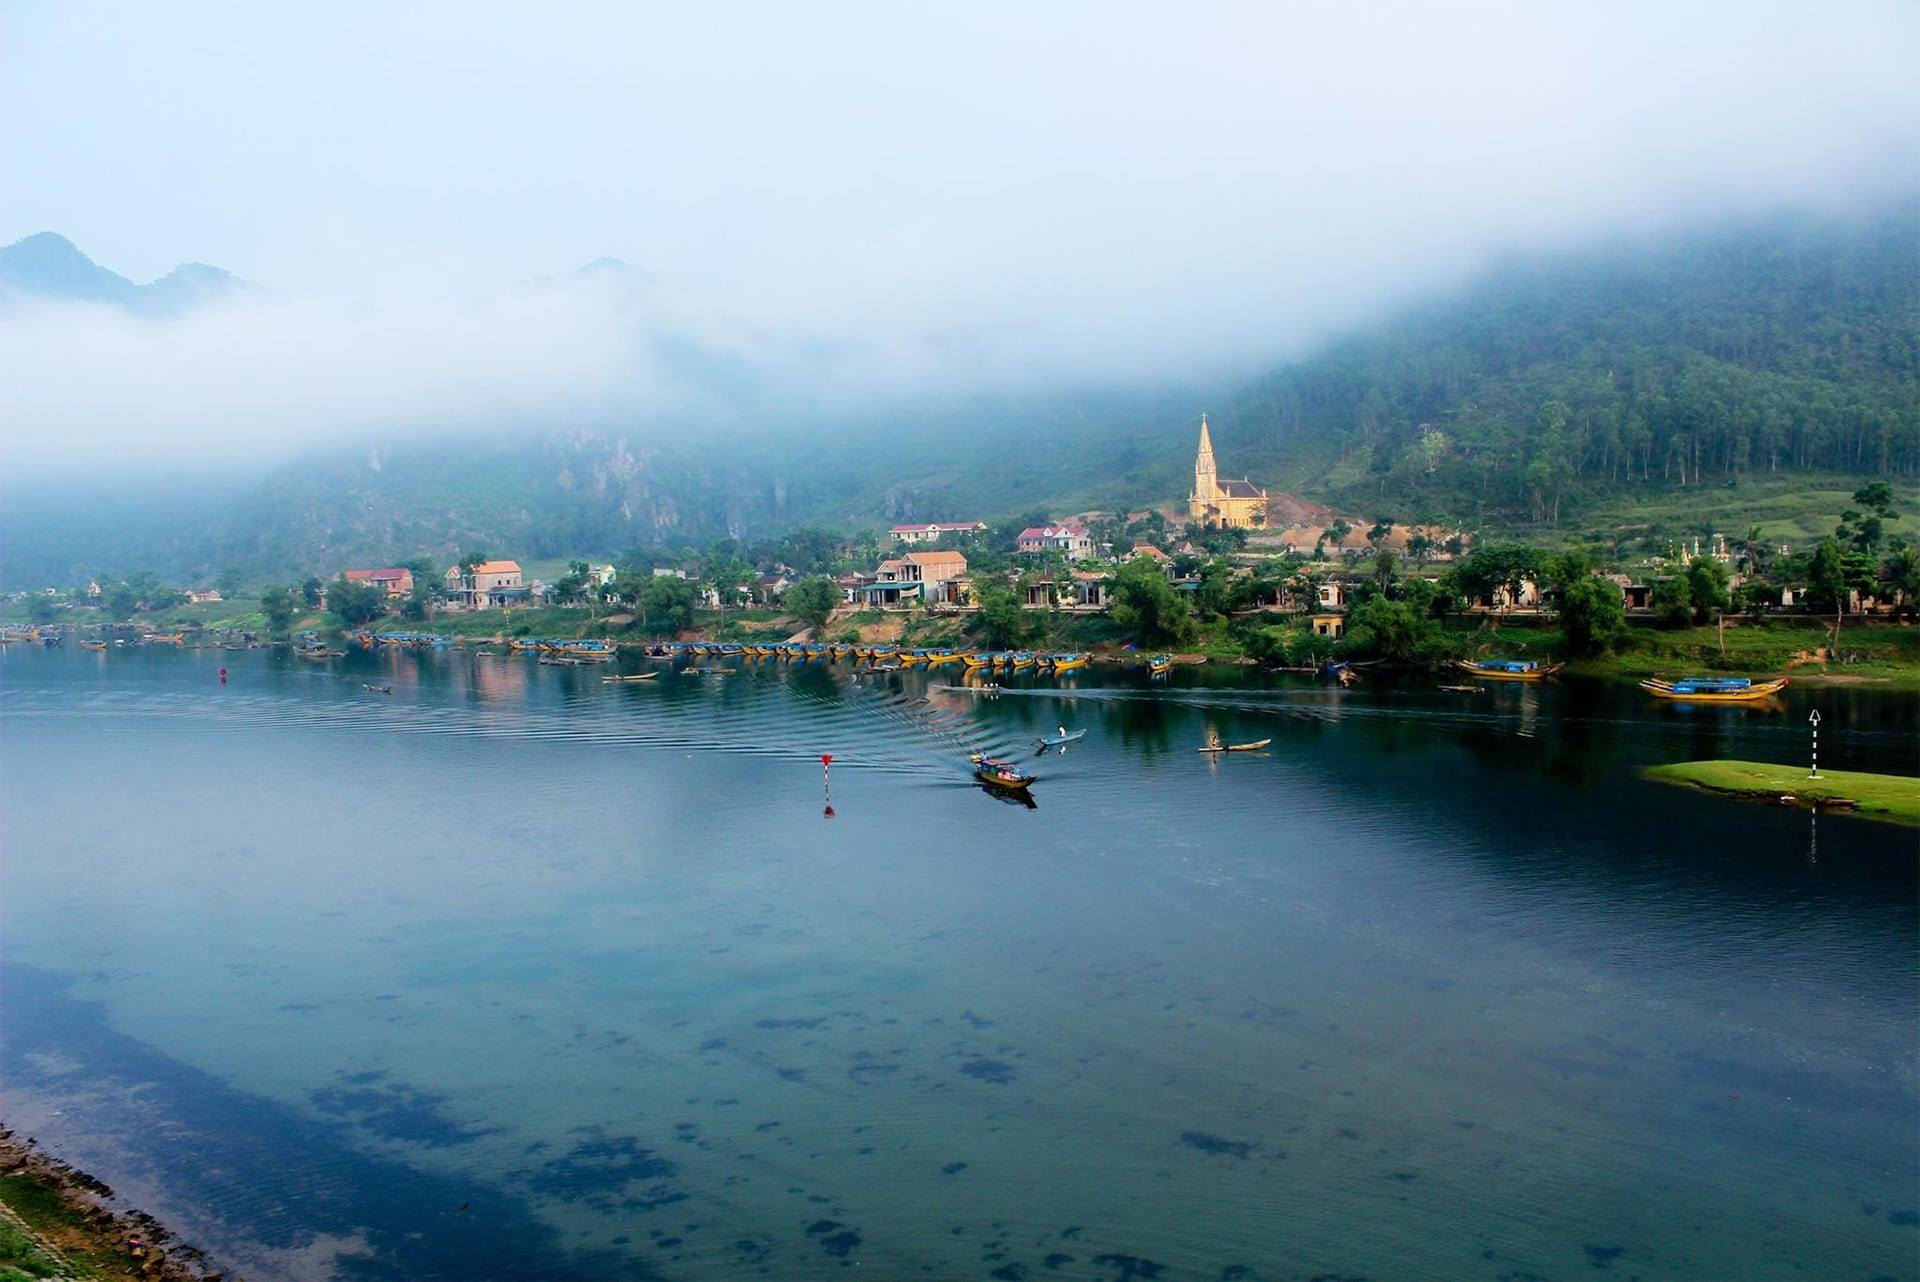 Phong cảnh hữu tình hai bên dòng sông Son